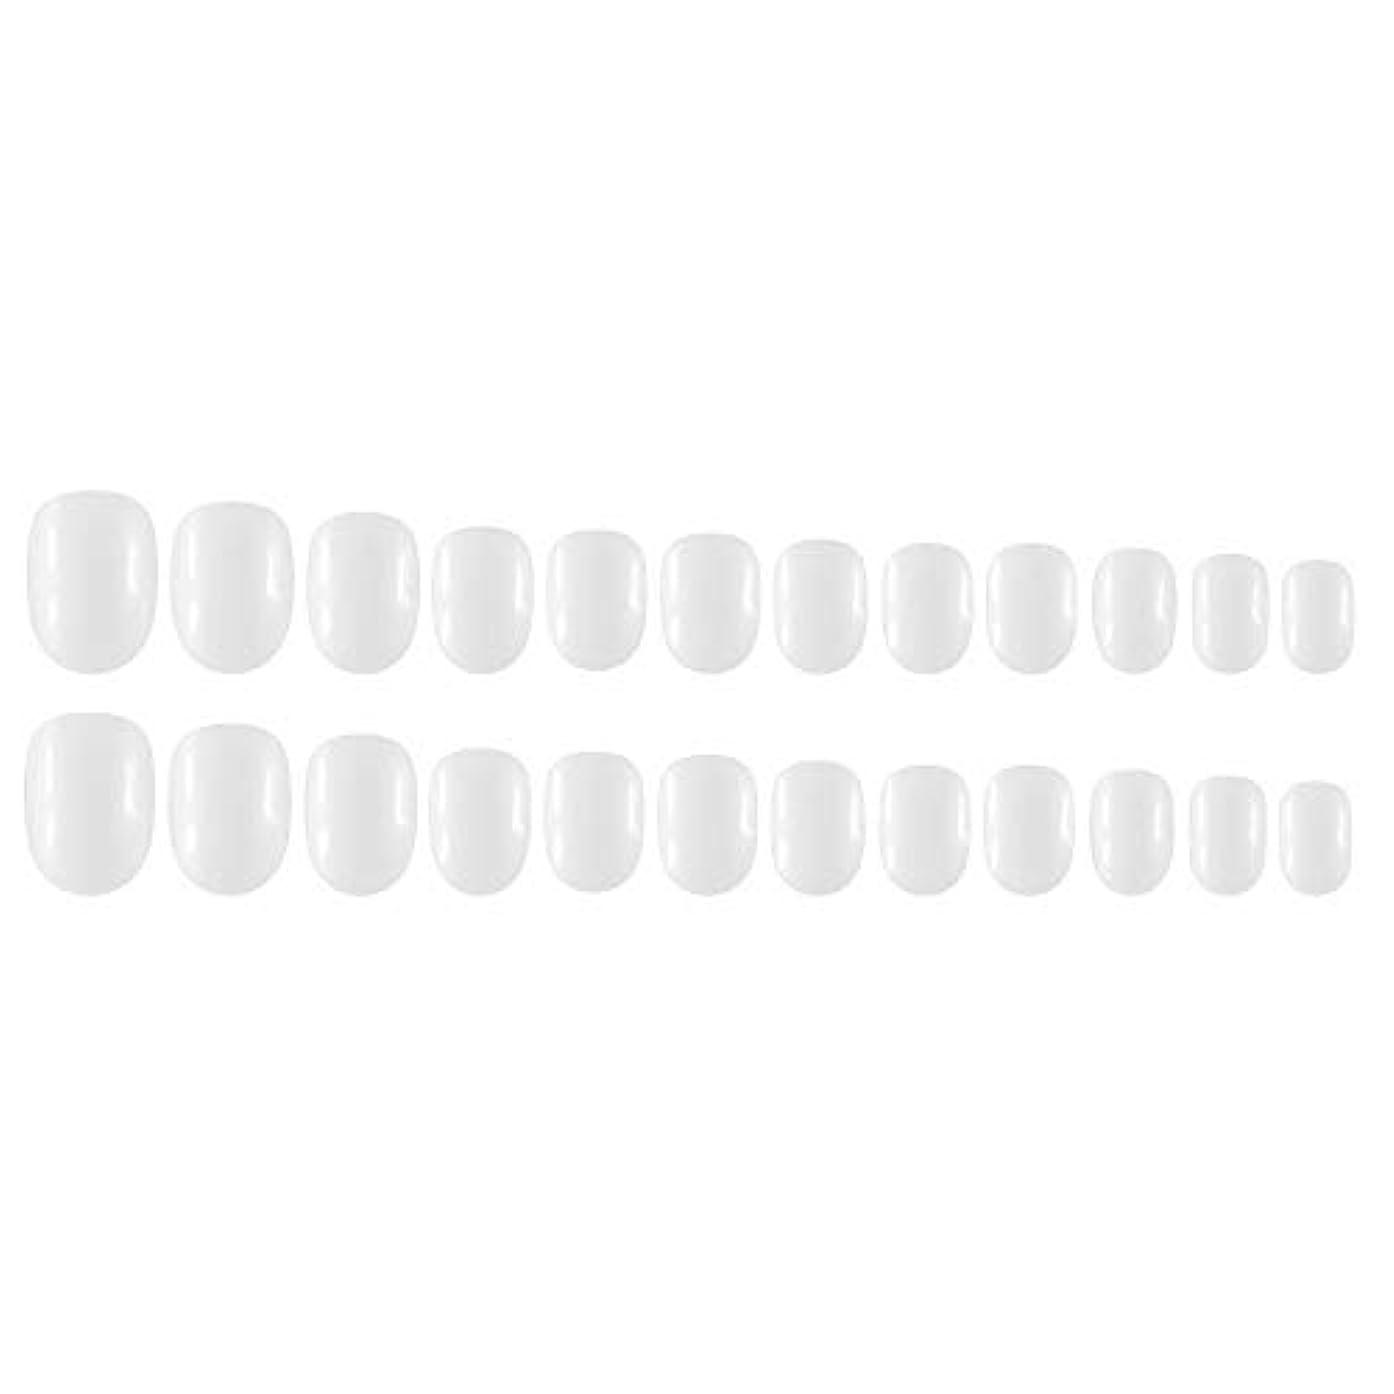 膨張する実際にわかるDecdeal Decdeal ネイルチップ 24ピース 12異なるサイズ diy サロン ネイルアートツール 偽